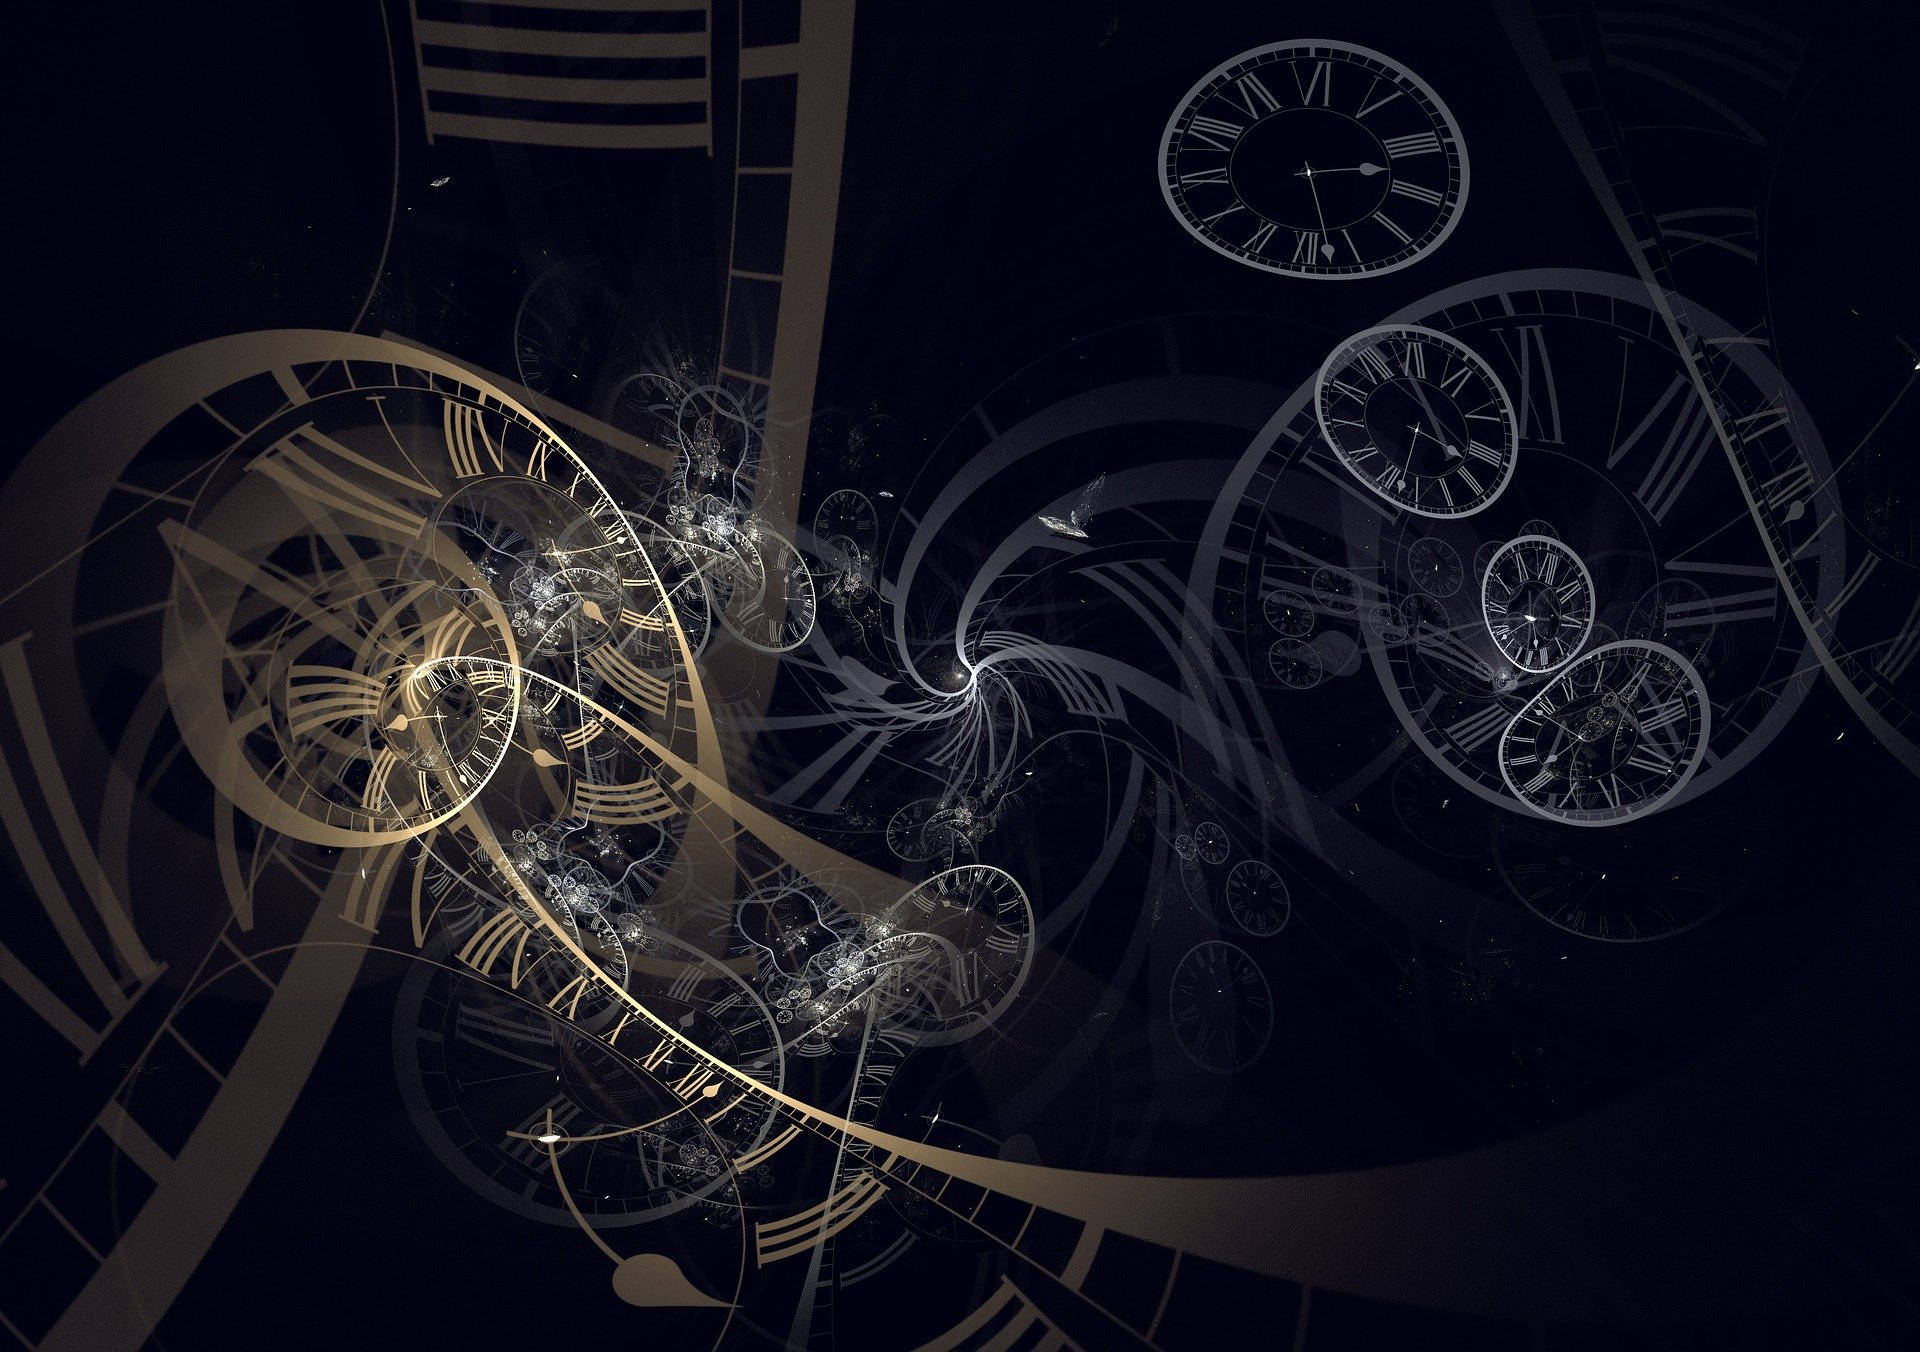 fractal-1707411_1920.jpg